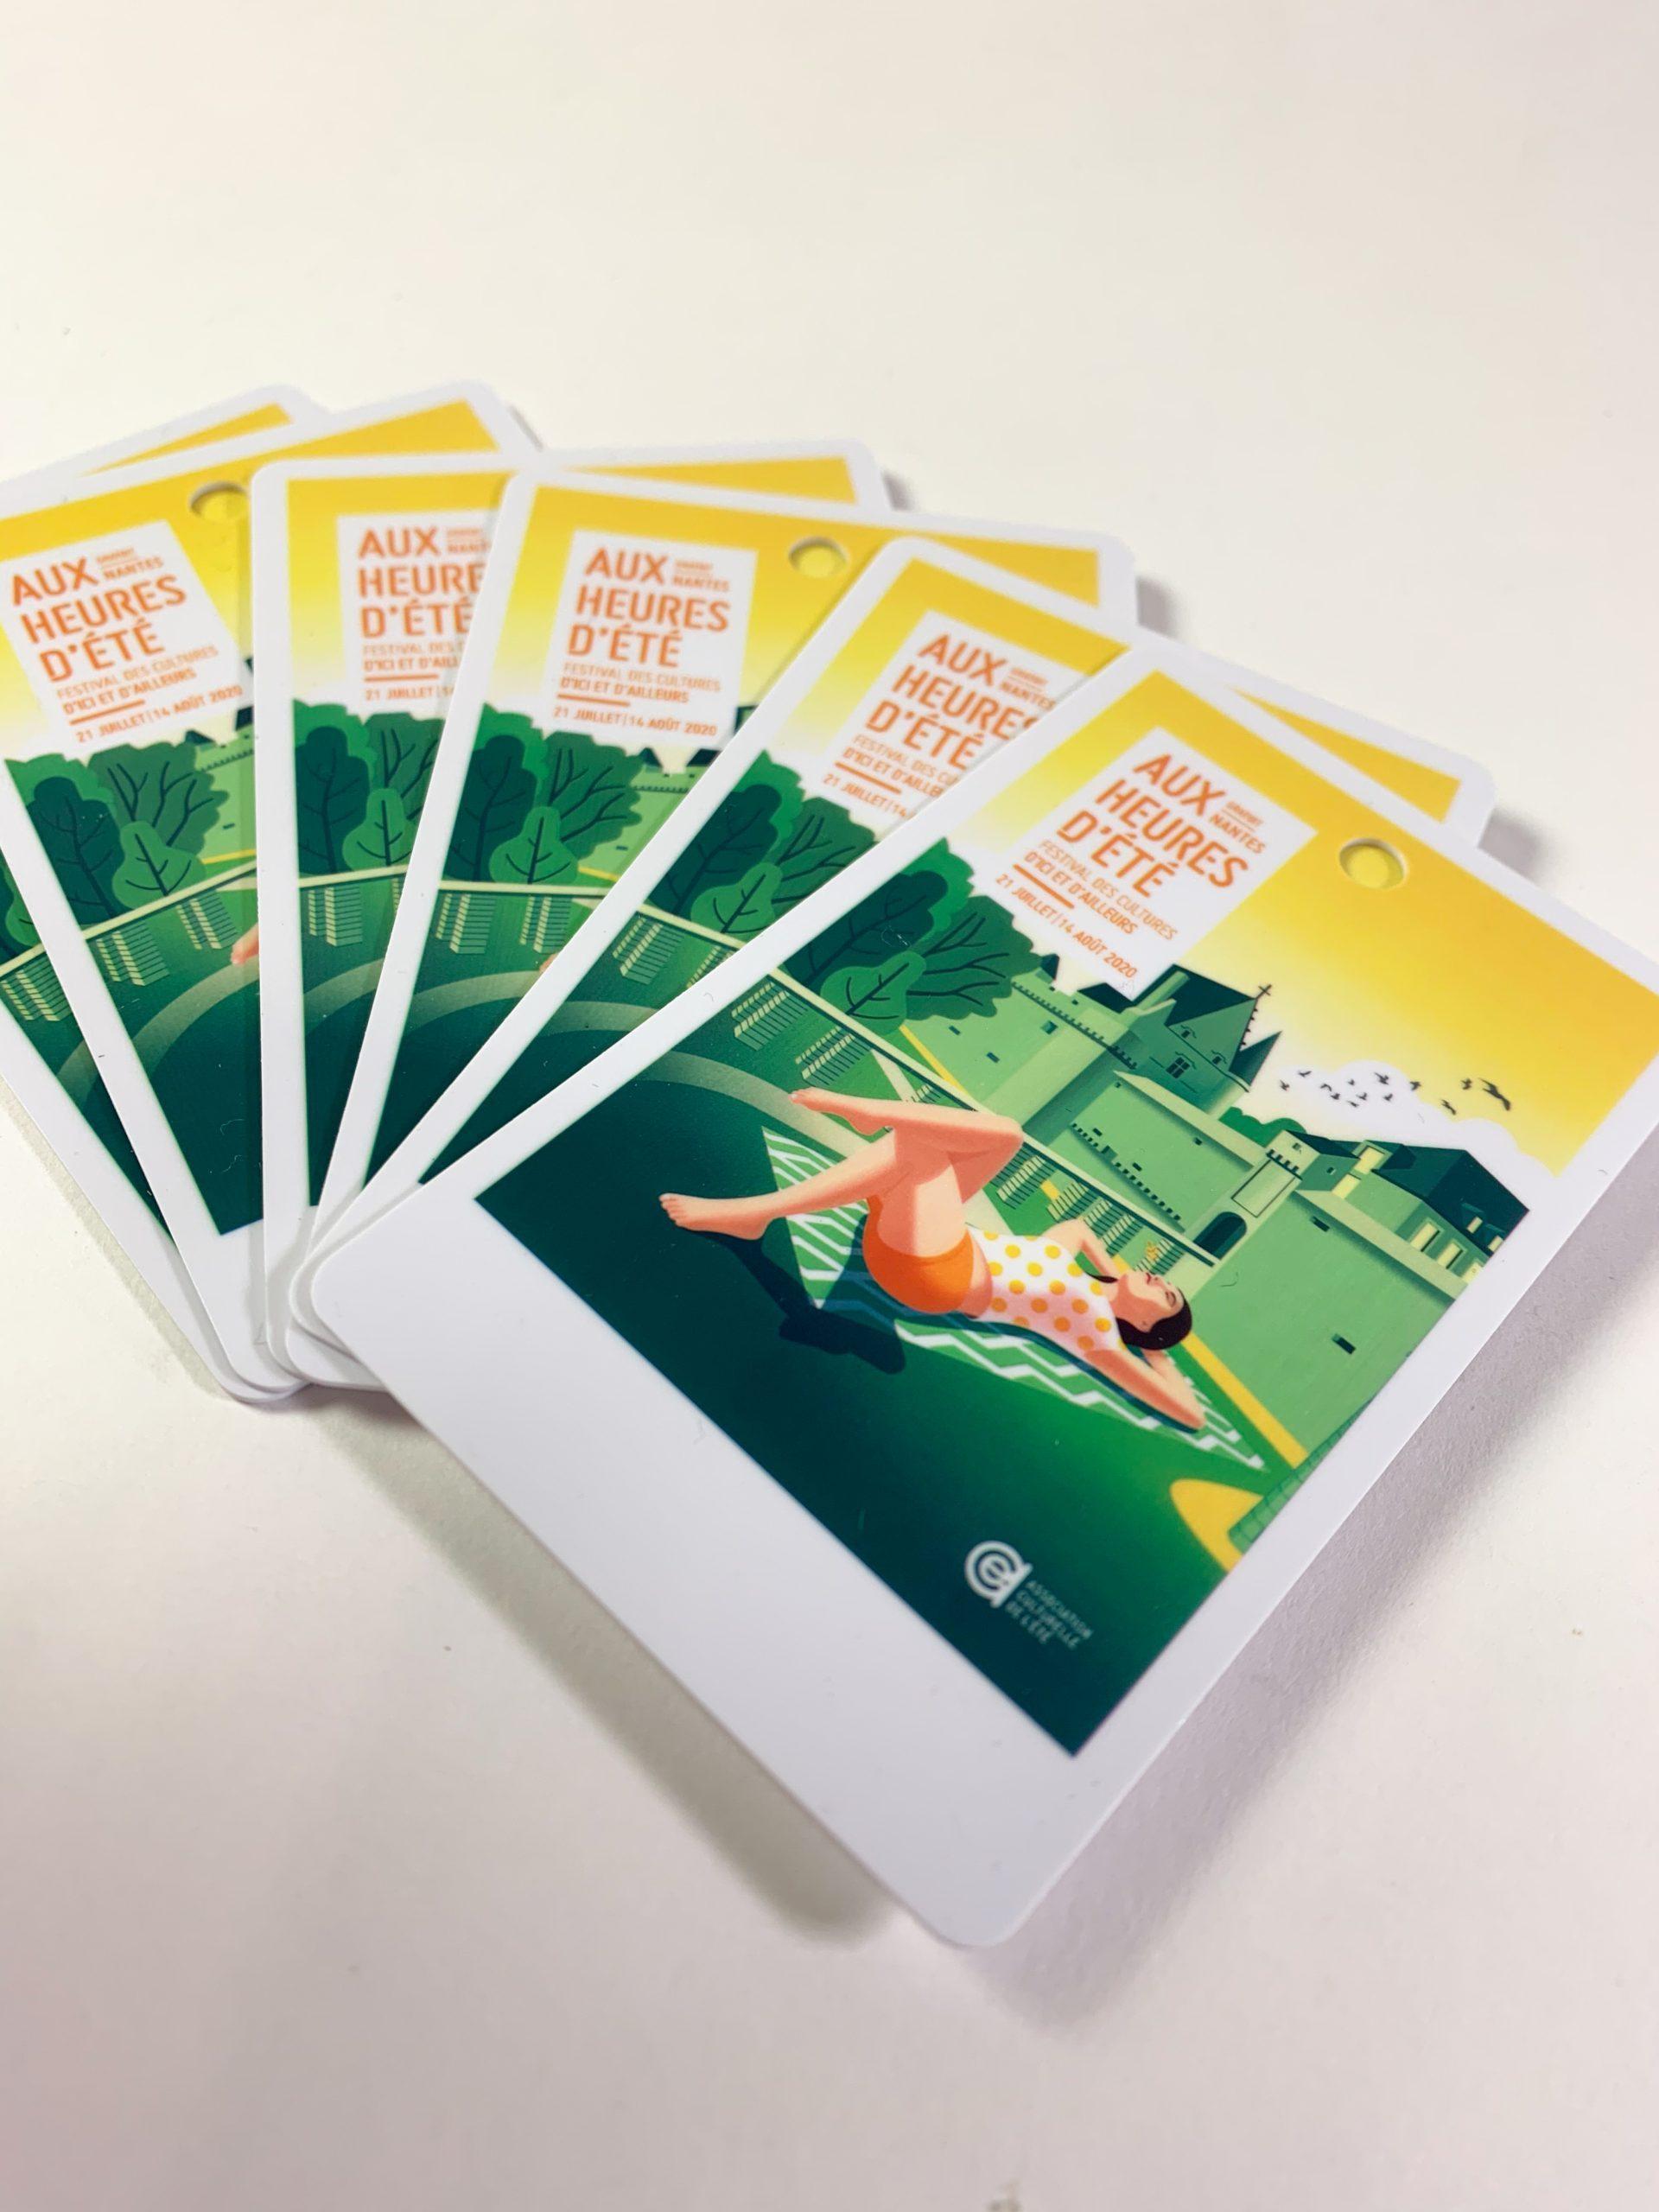 Cartes PVC OSCAR Aux Heures d'Eté 2020